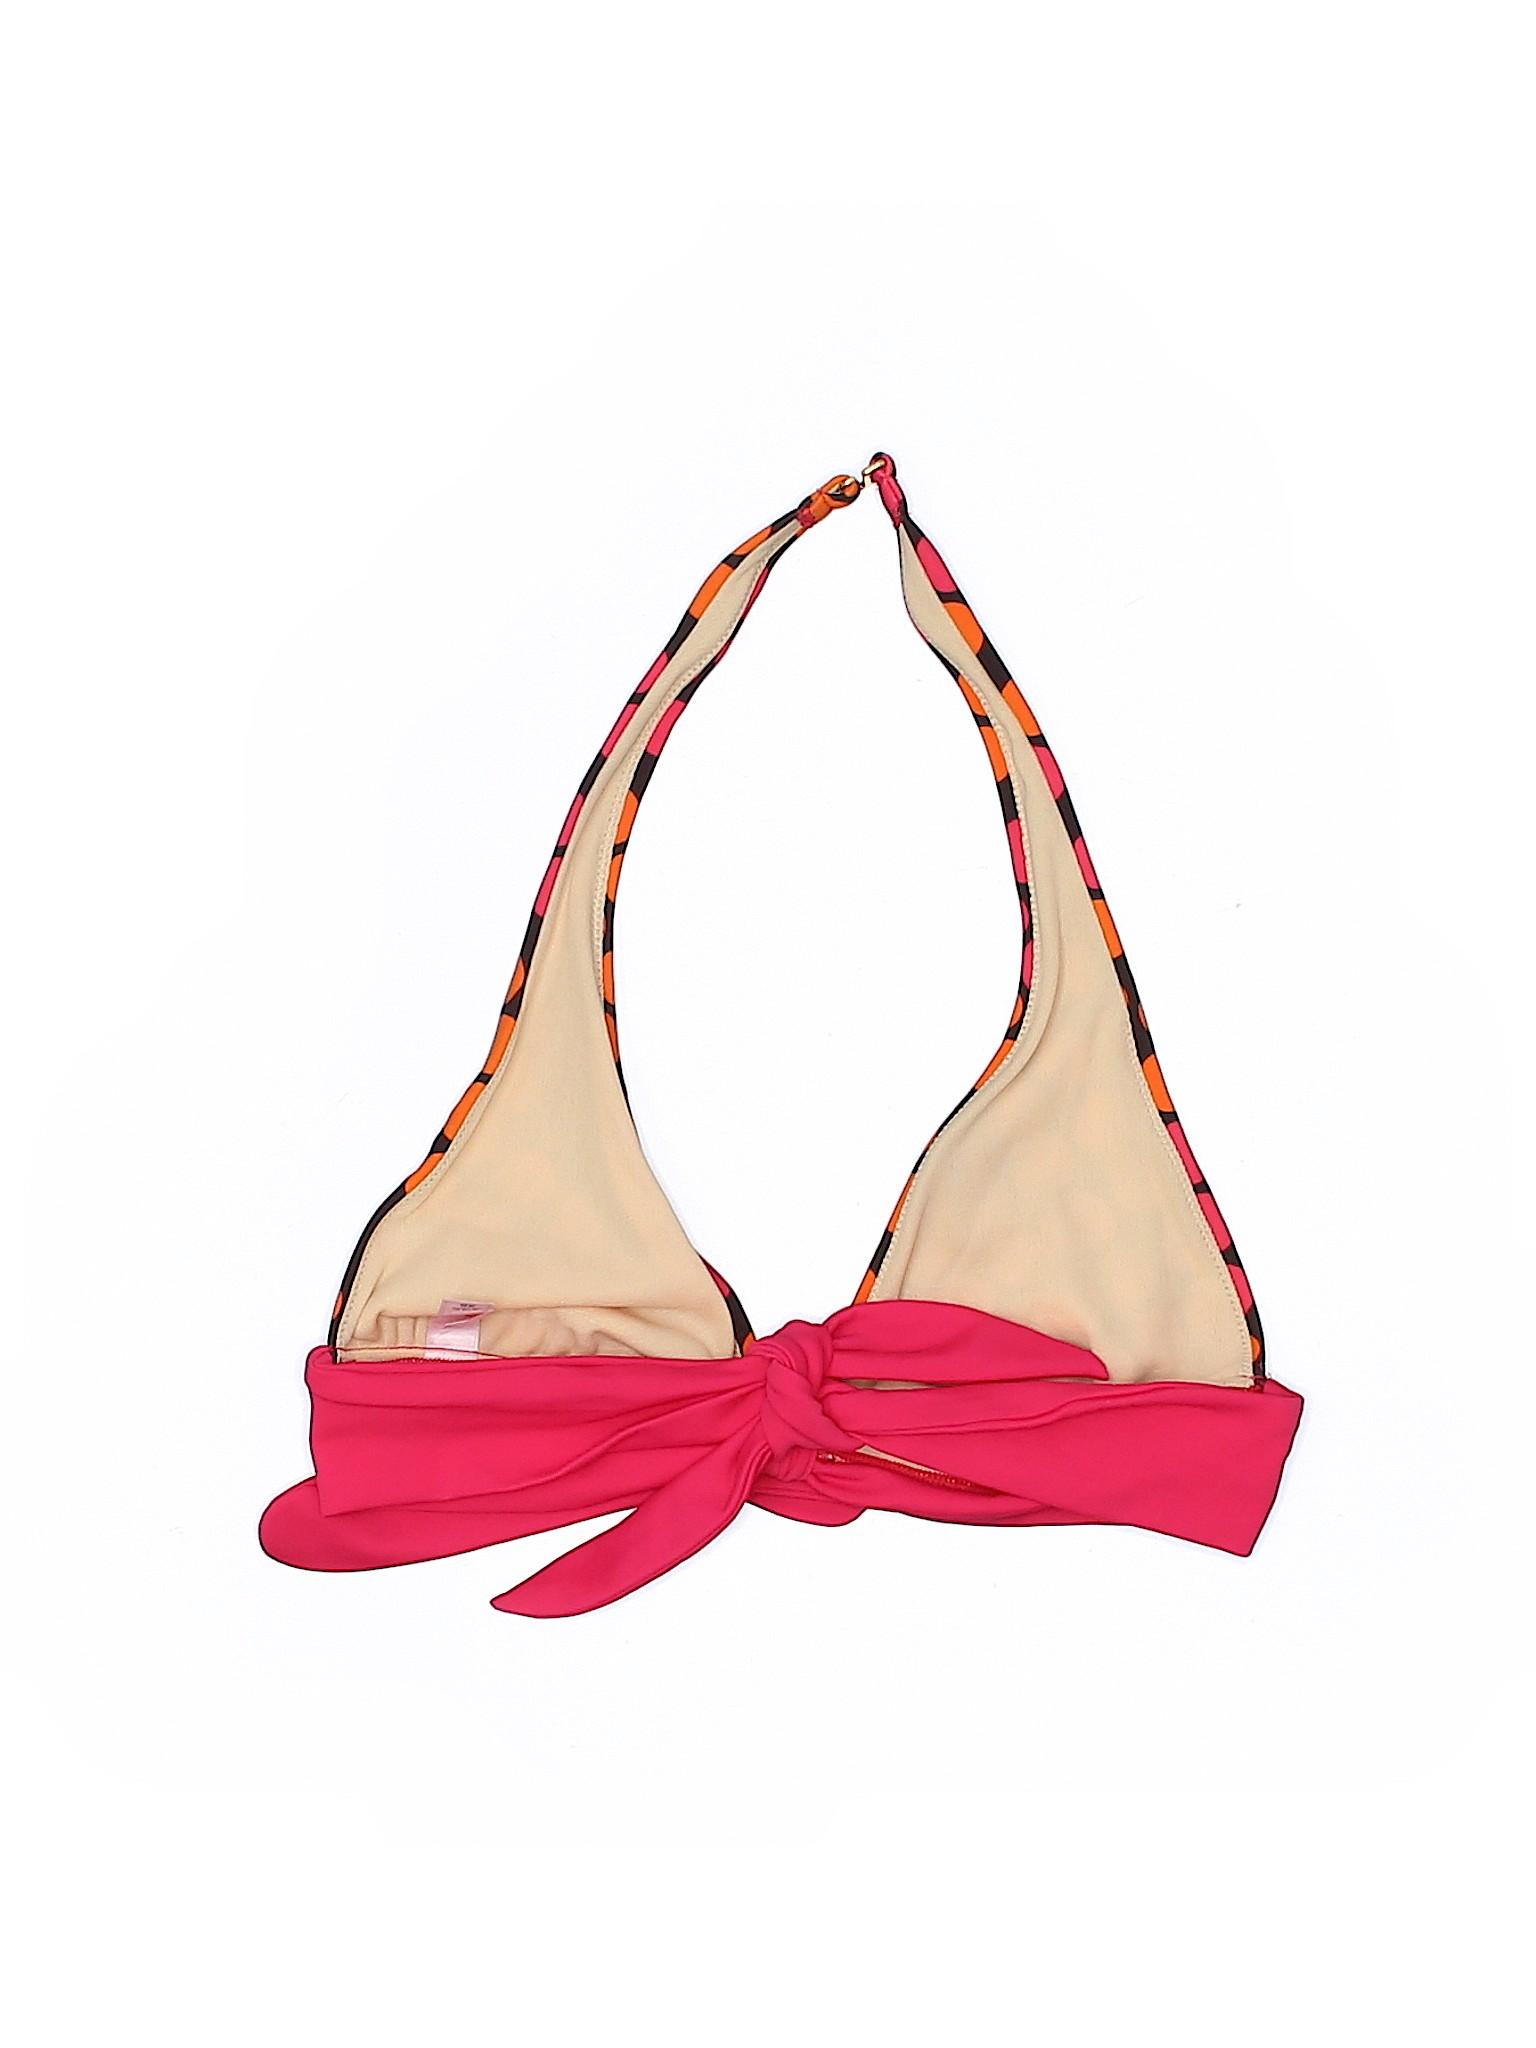 Secret Boutique Boutique Victoria's Victoria's Secret Swimsuit Swimsuit Top 6q6awtXxng